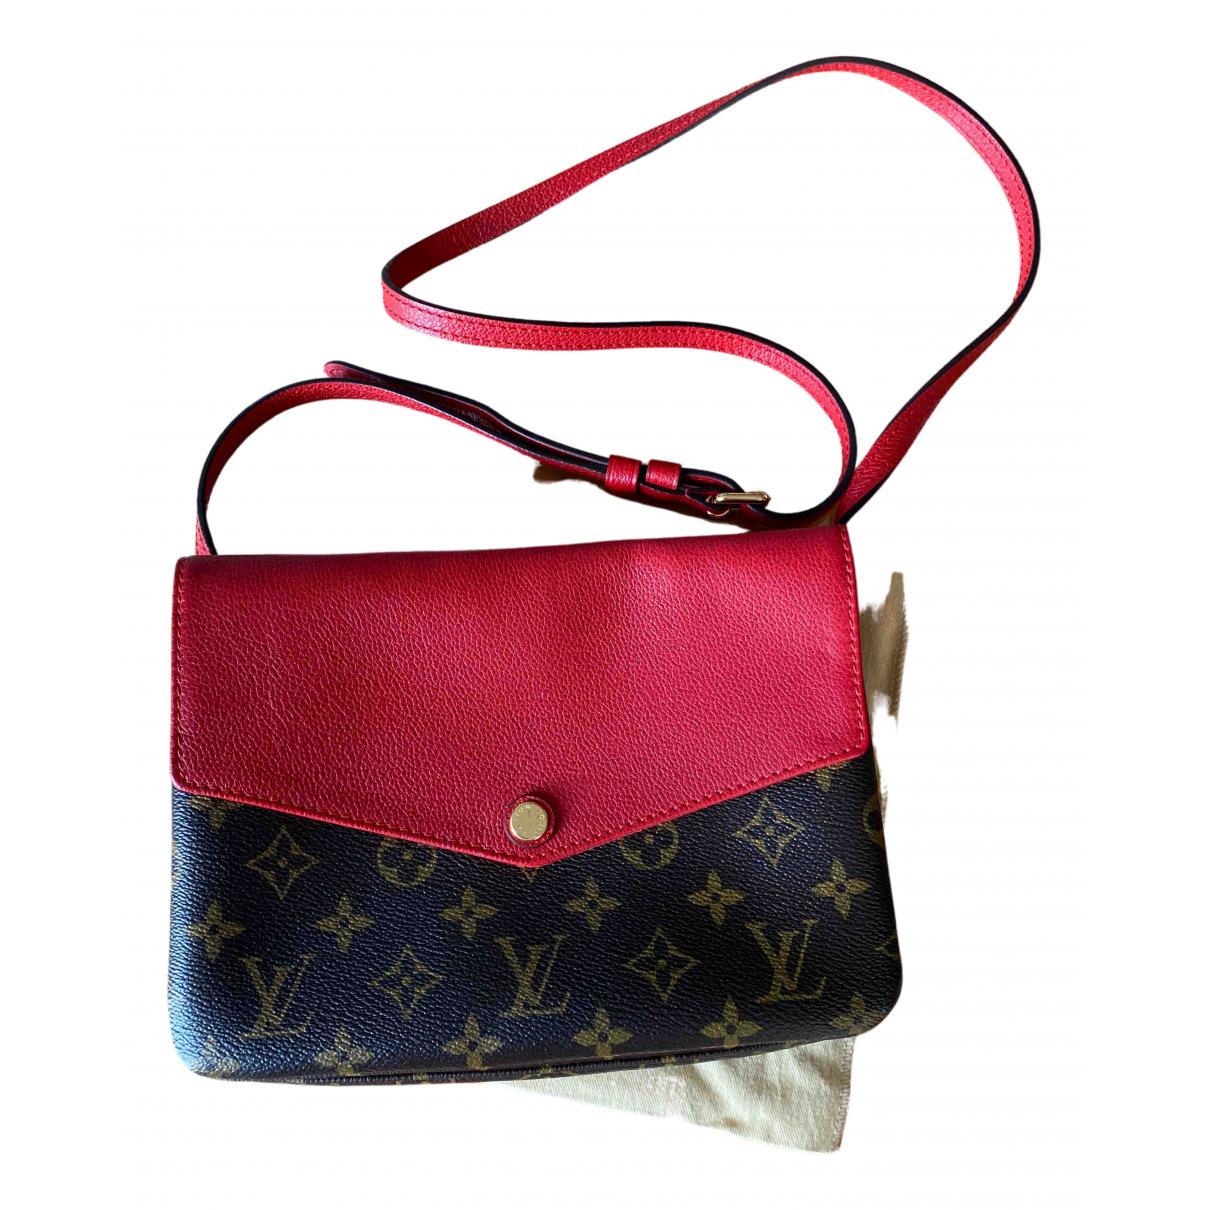 Louis Vuitton \N Handtasche in  Rot Leinen